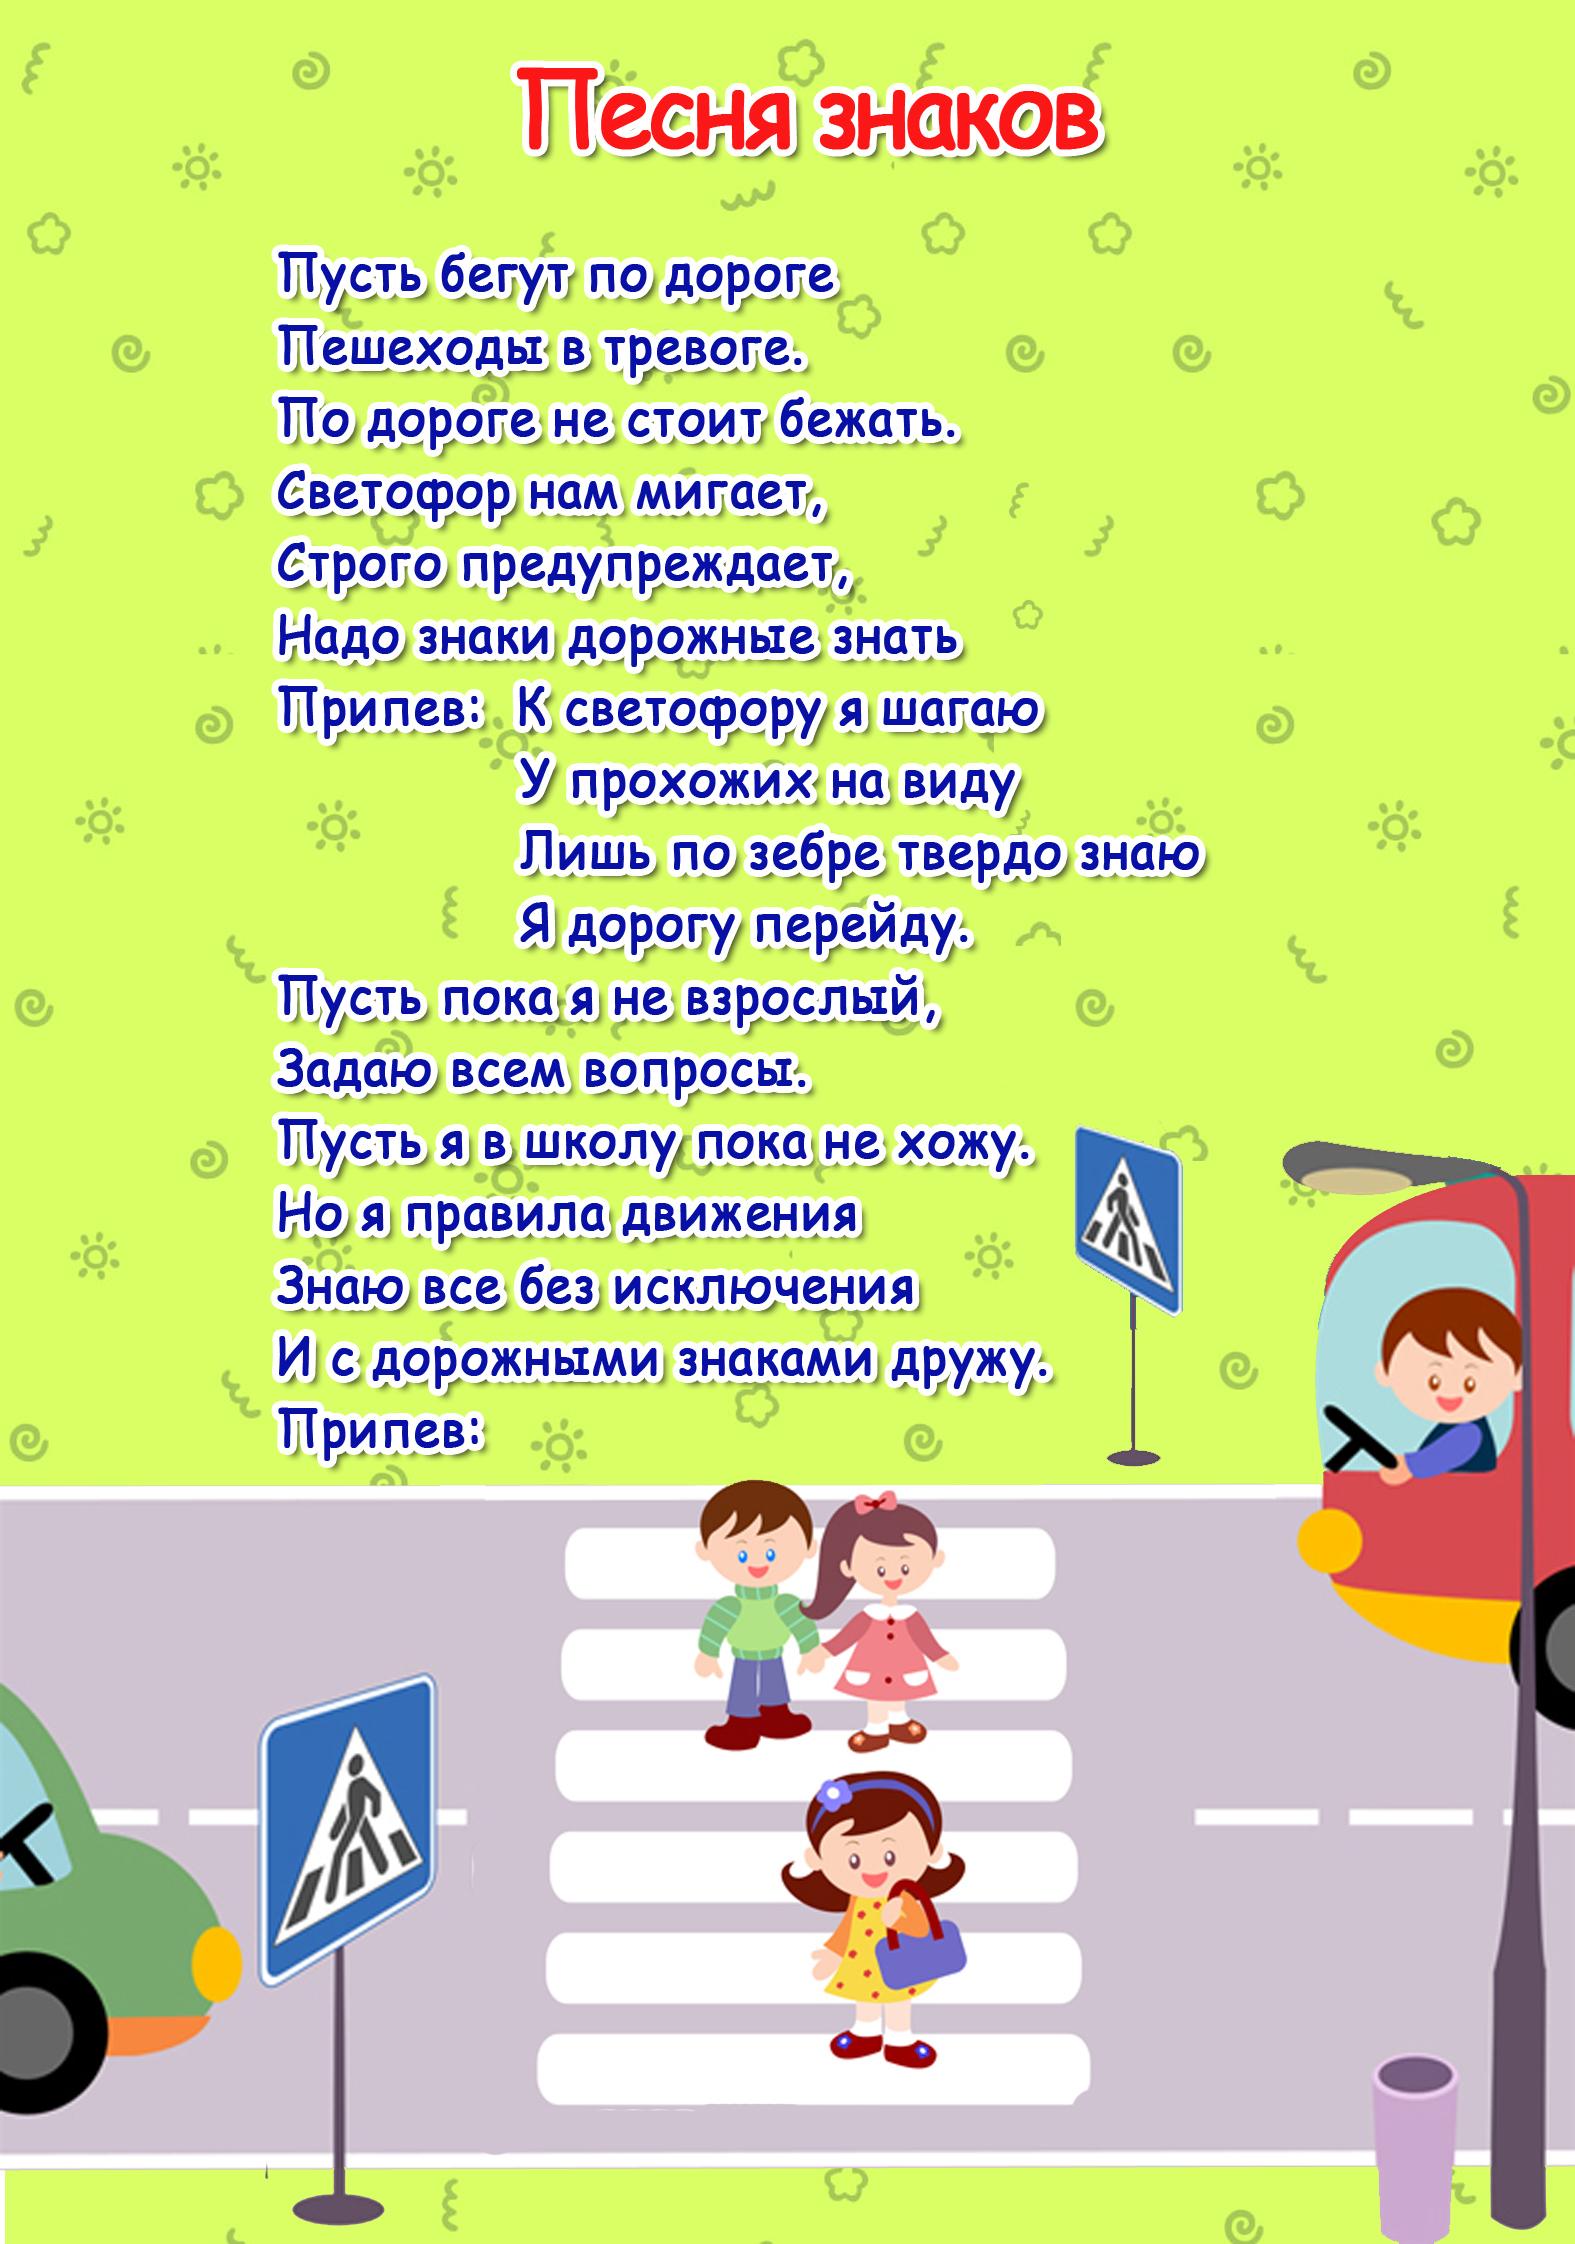 детская песня про папу скачать бесплатно mp3